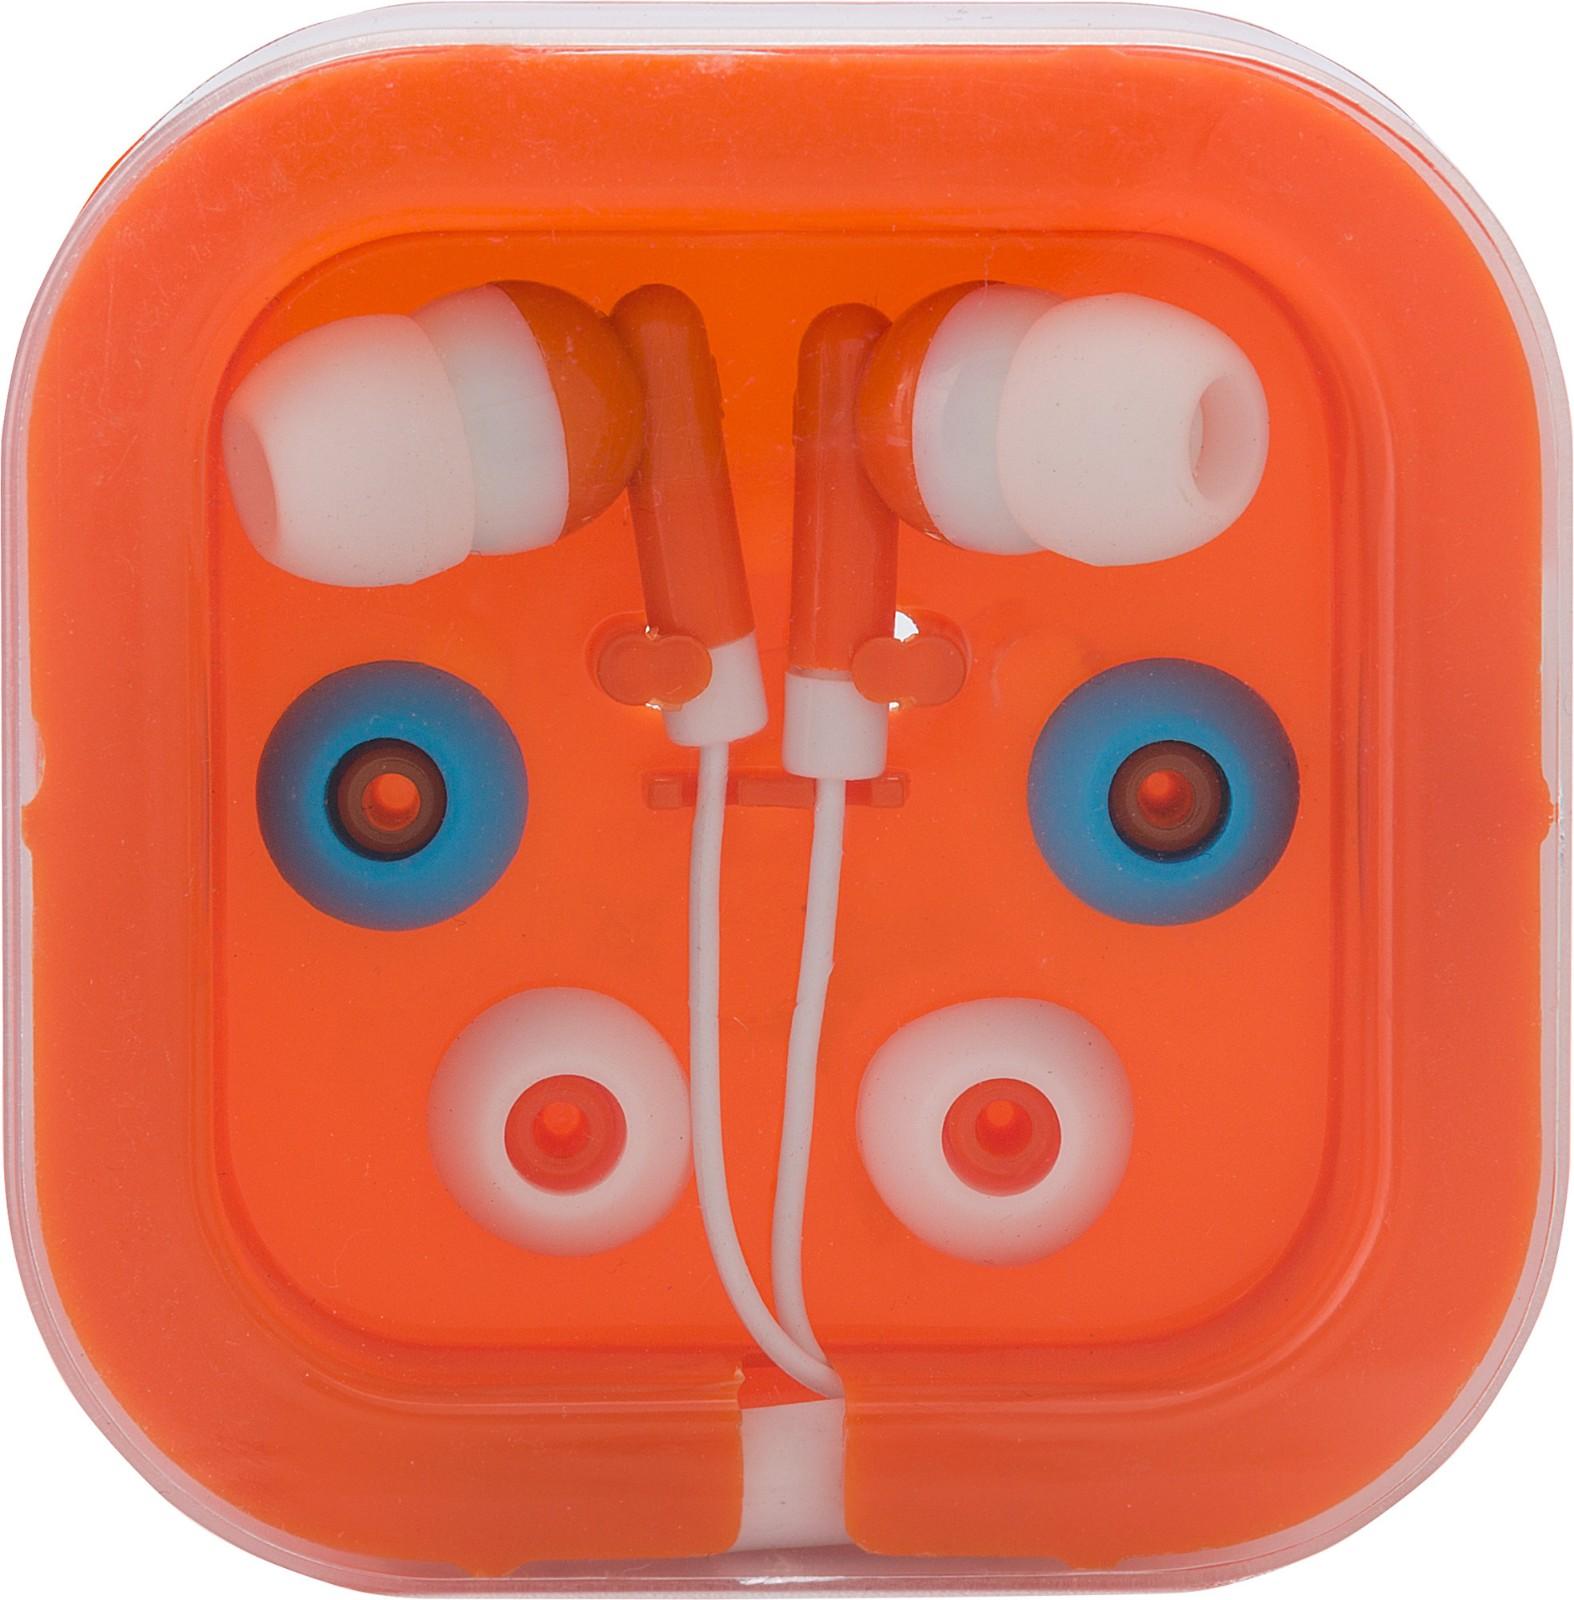 Kopfhörer 'Universal' aus Kunststoff/Metall - Orange